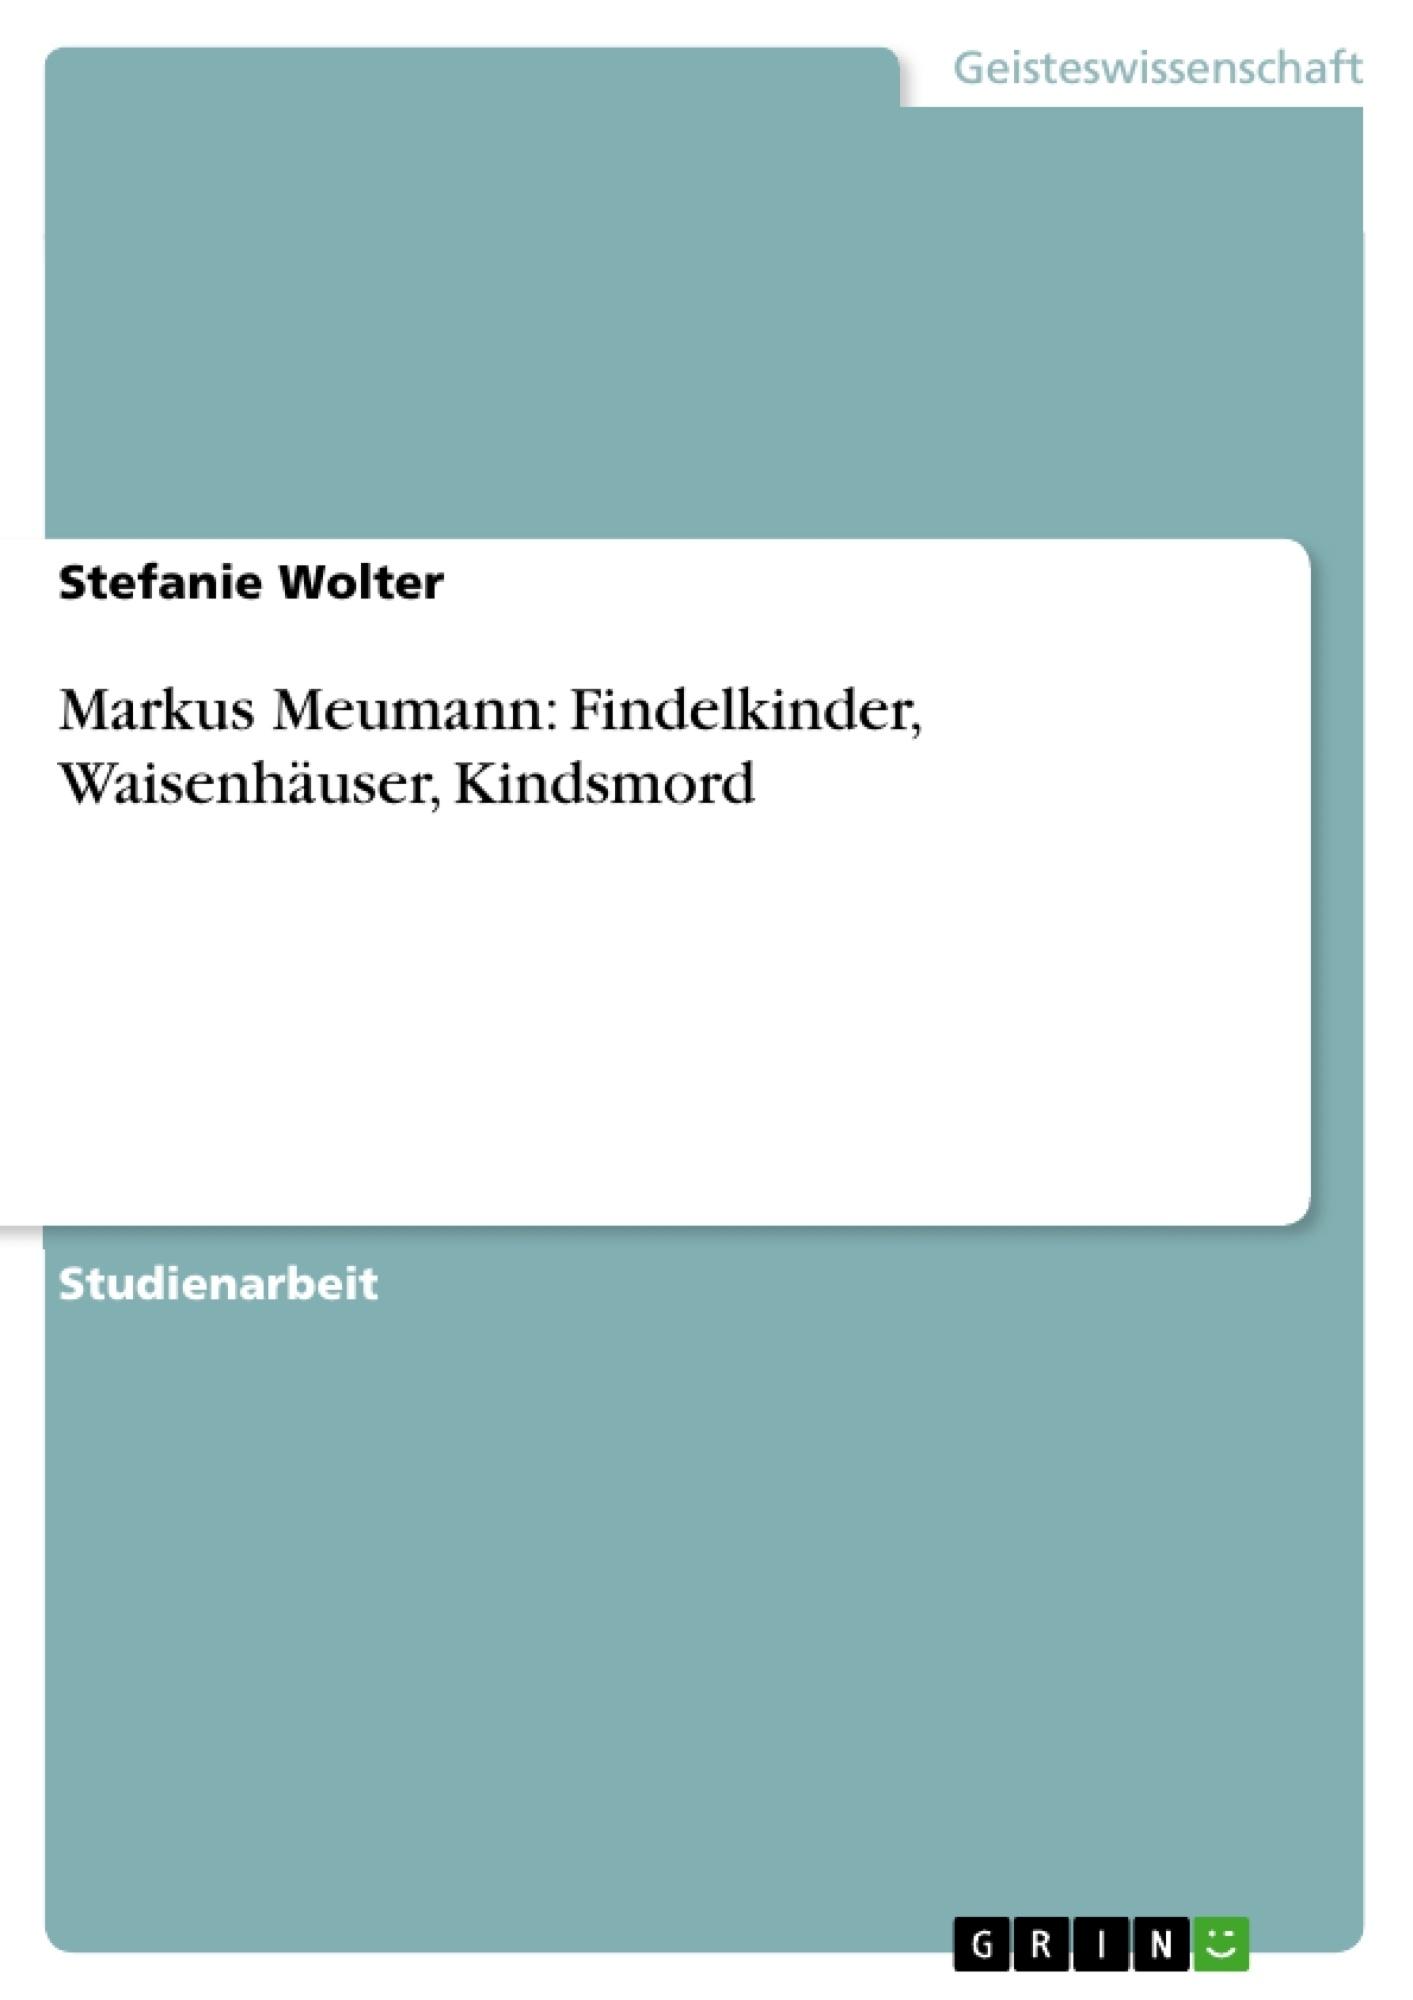 Titel: Markus Meumann: Findelkinder, Waisenhäuser, Kindsmord